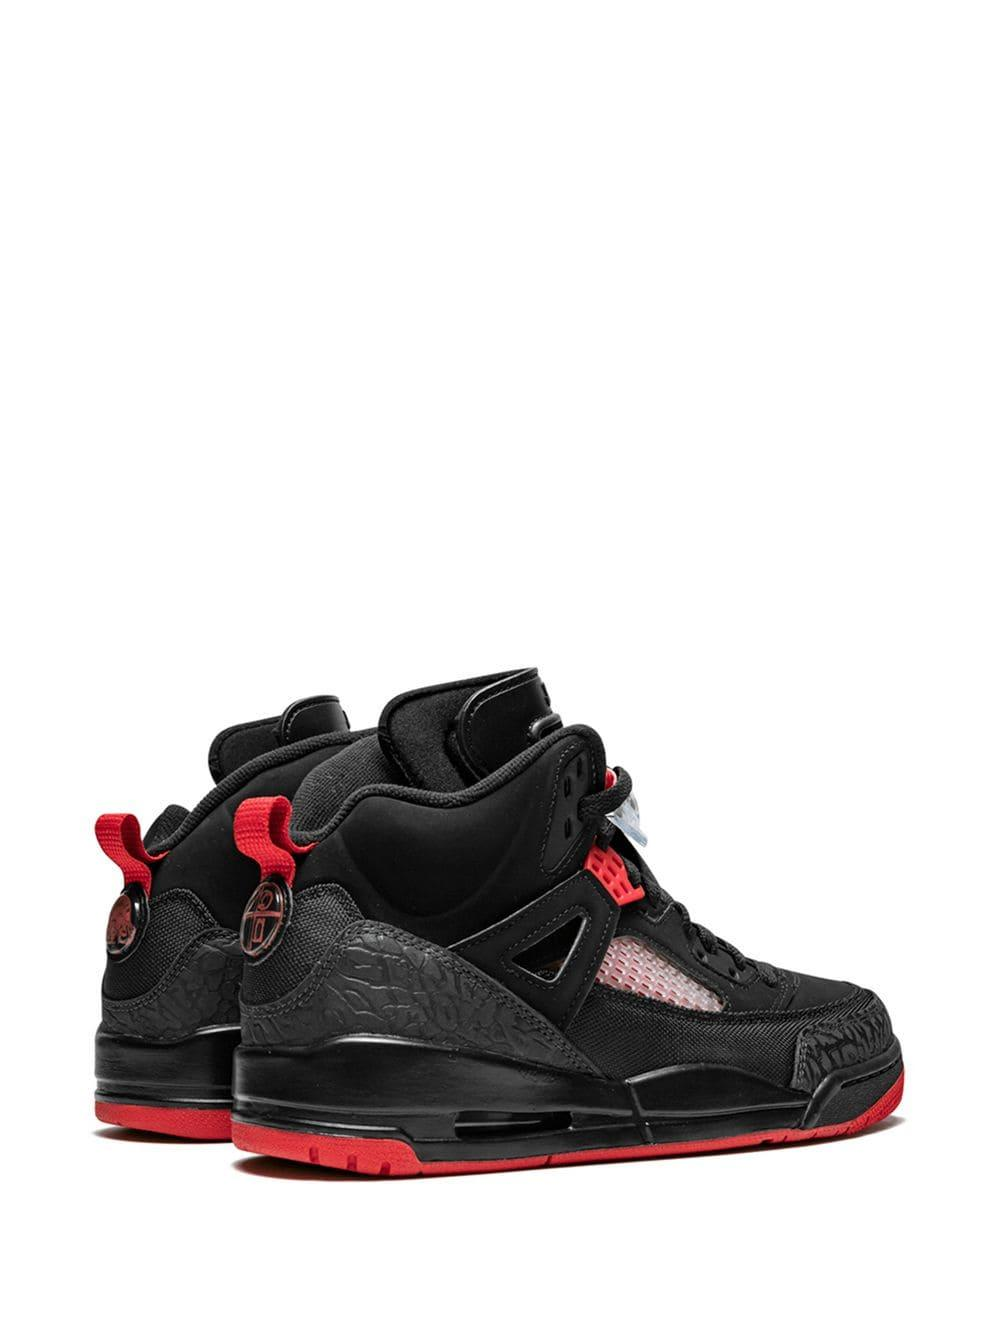 Zapatillas Spizike Nike de hombre de color Negro